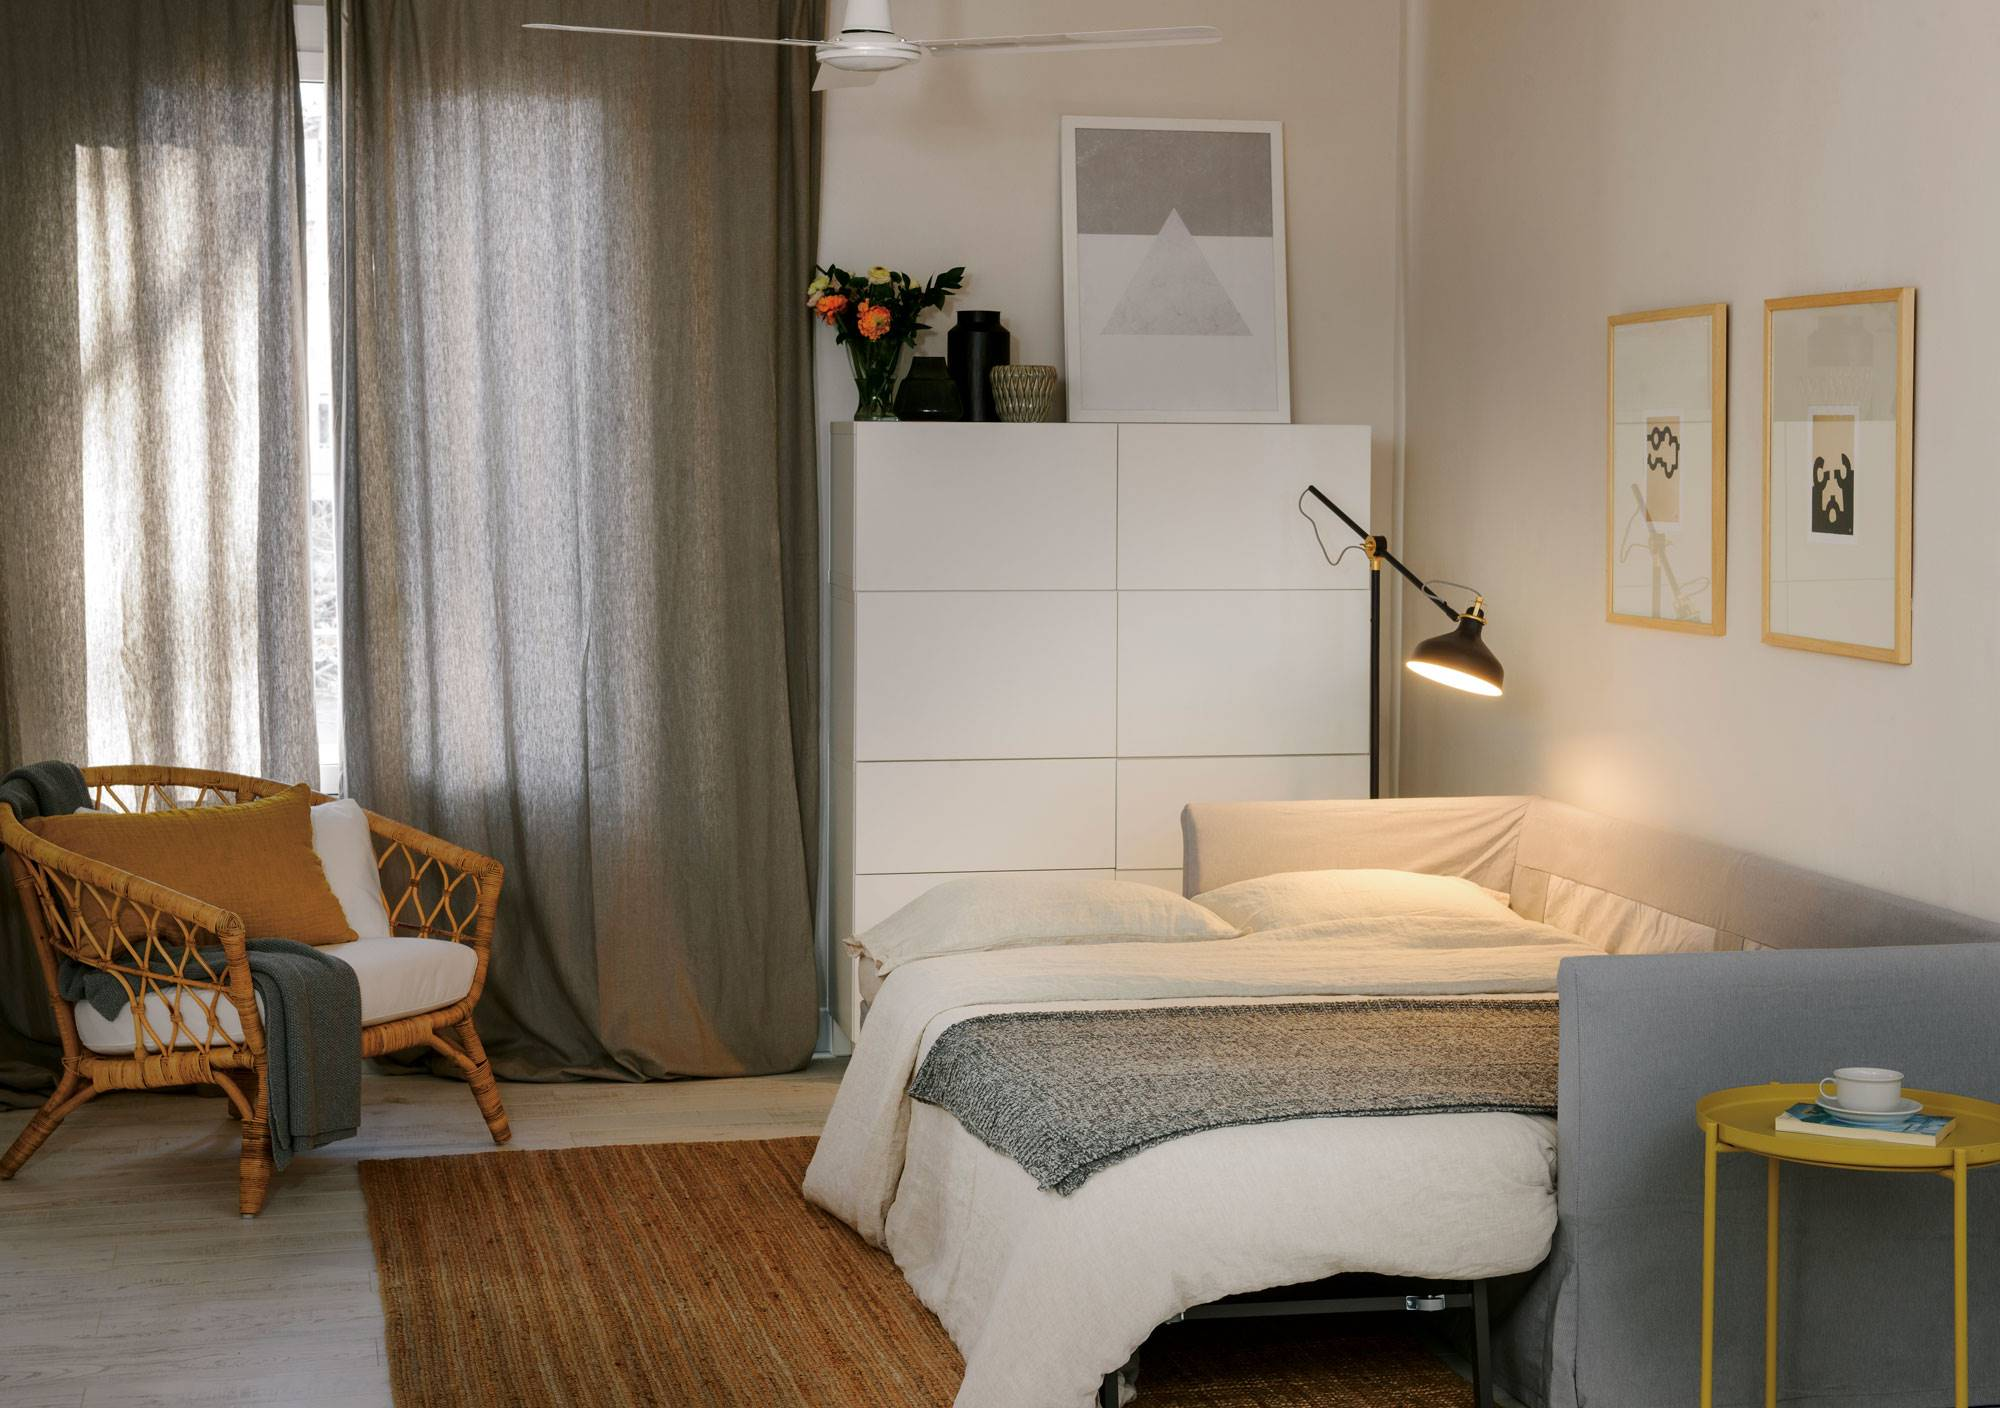 Mejor Sofa Cama Ikea.Como Elegir El Sofa Cama Perfecto